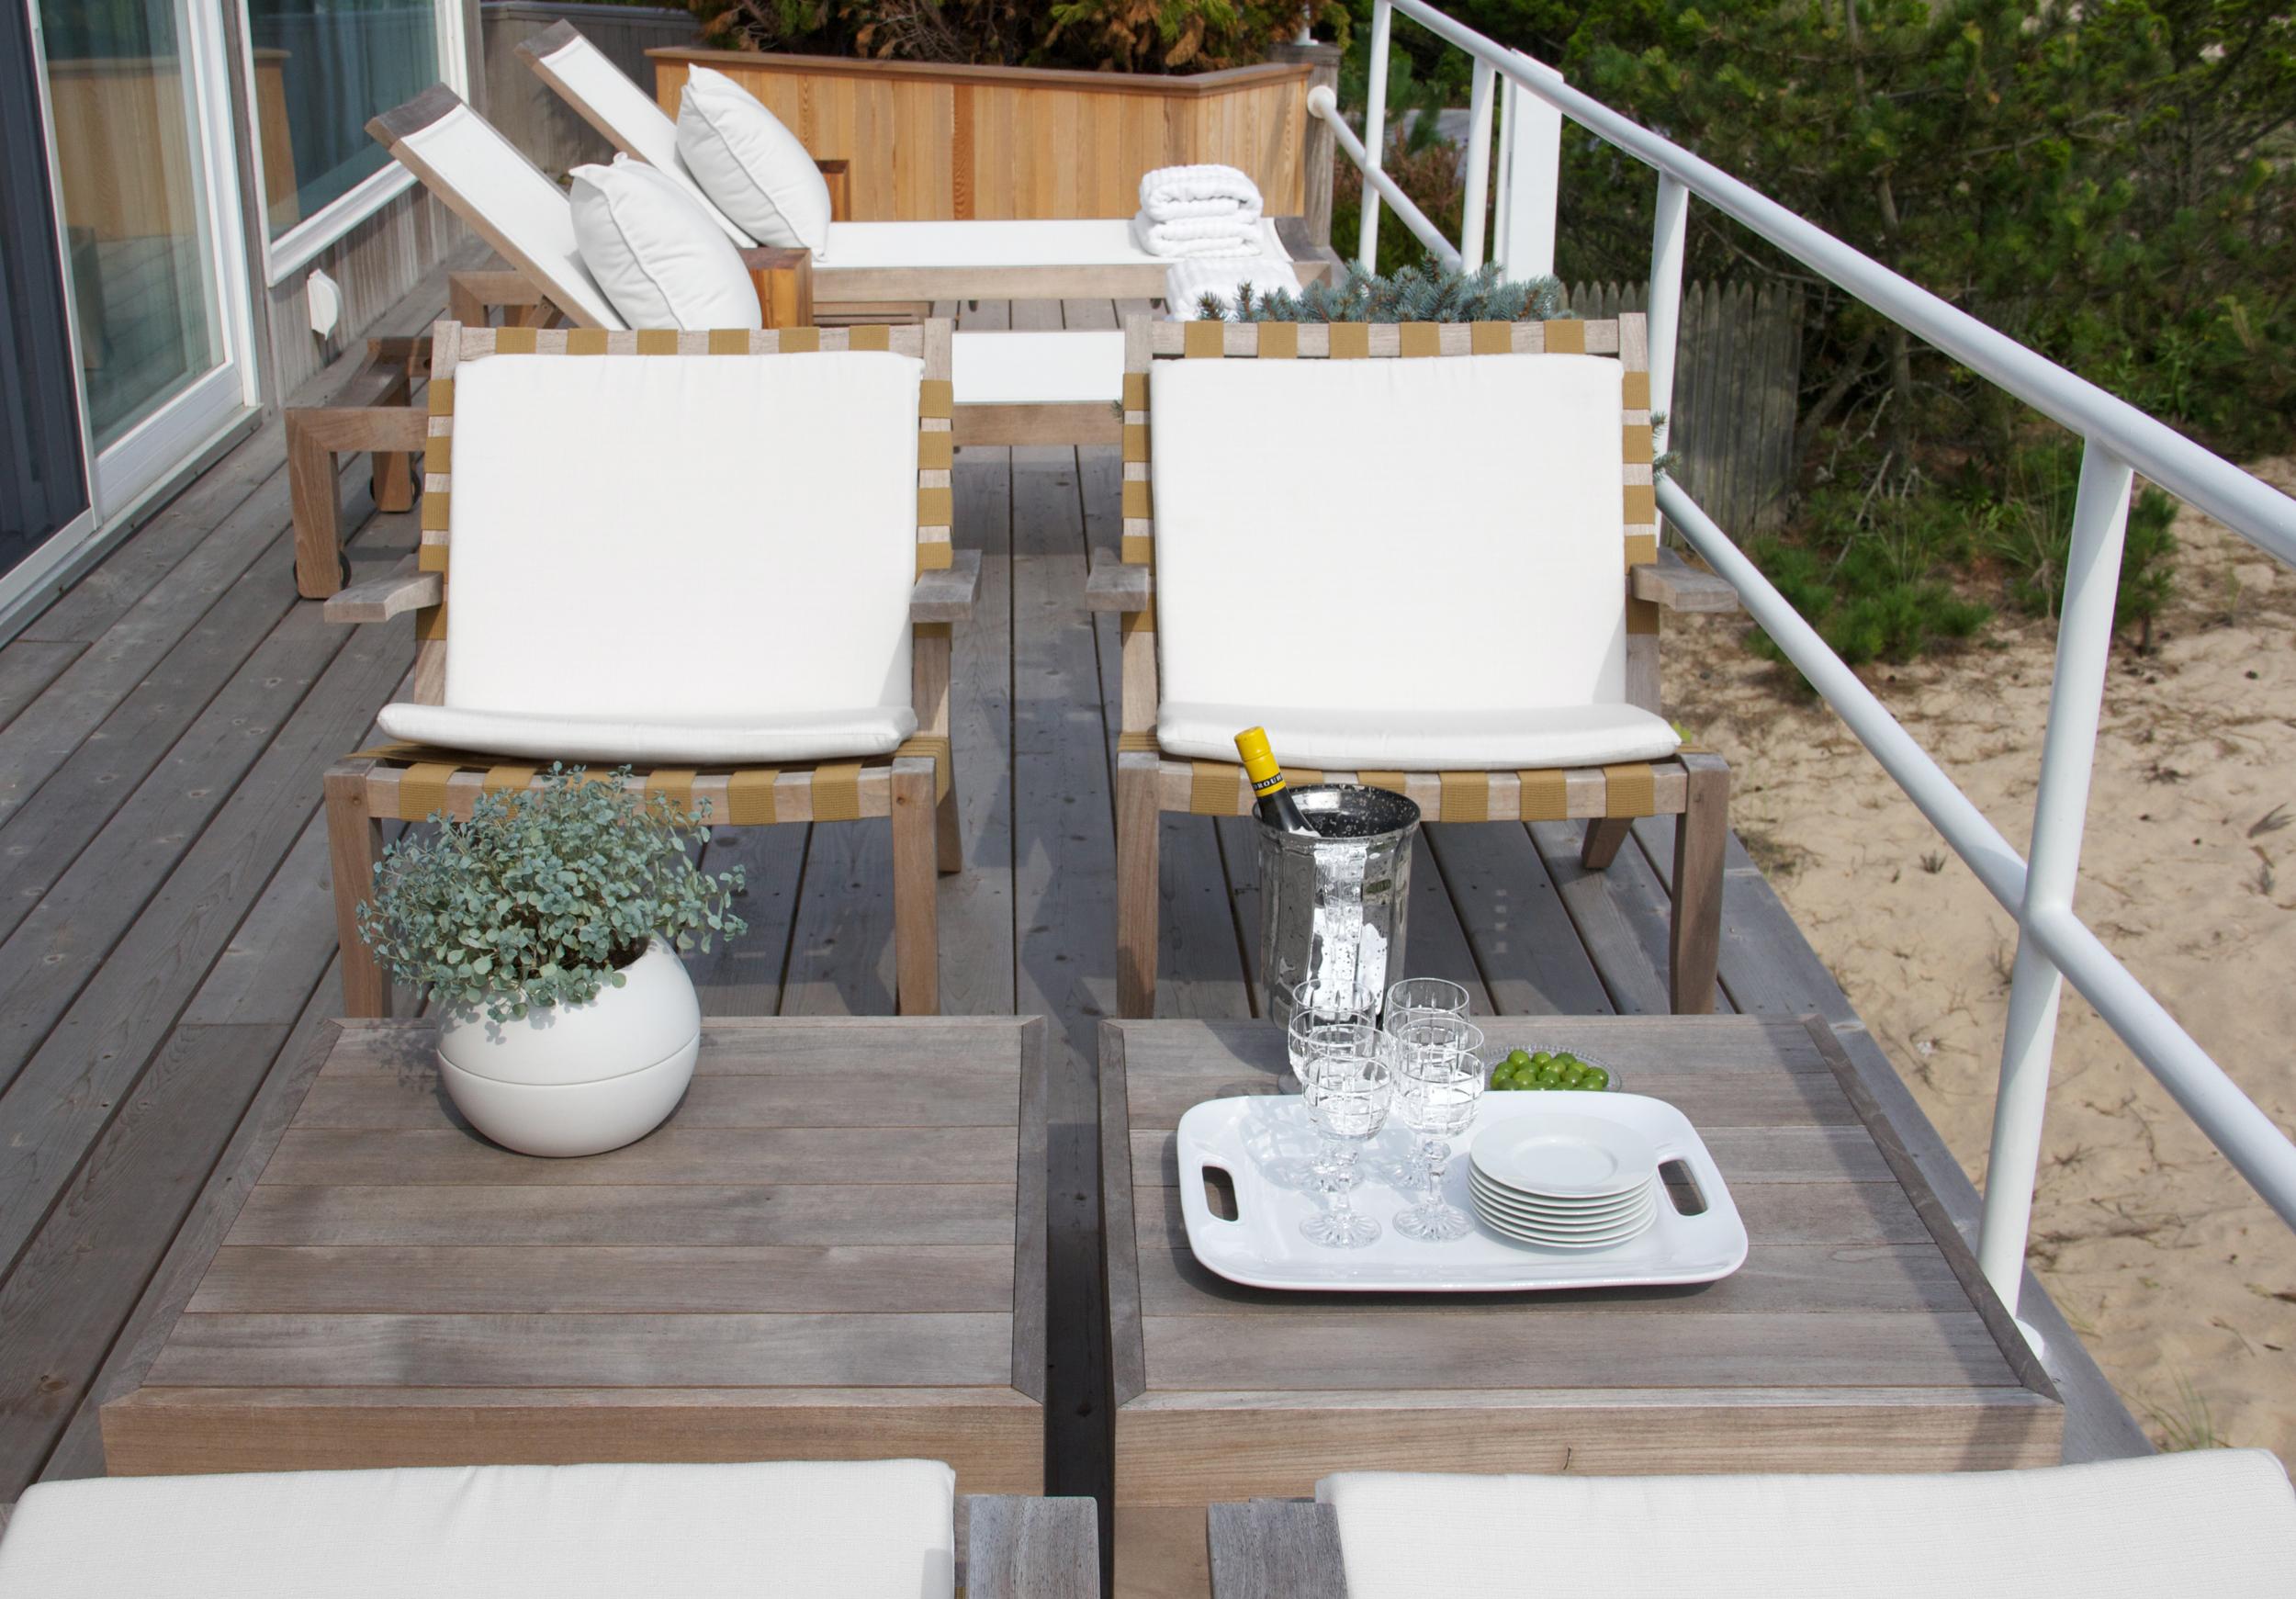 Schoeller + Darling Design - Amagansett Beach House - Beach Front Deck Lounge